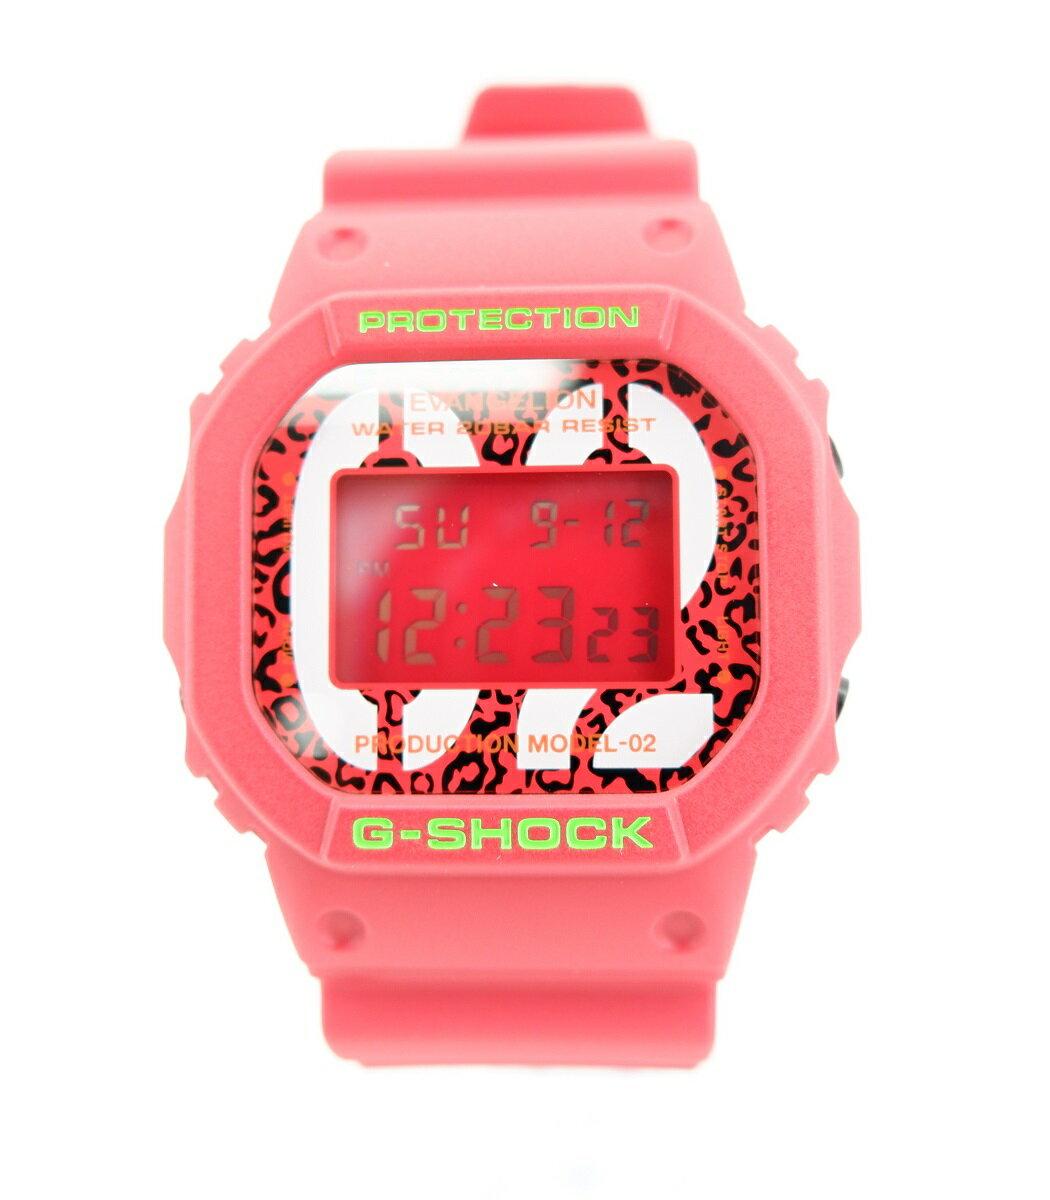 腕時計, メンズ腕時計 G-SHOCK EVANGELION DW-5600 EVA02 THE BEAST MODEL feat. RADIOEVA CASIO